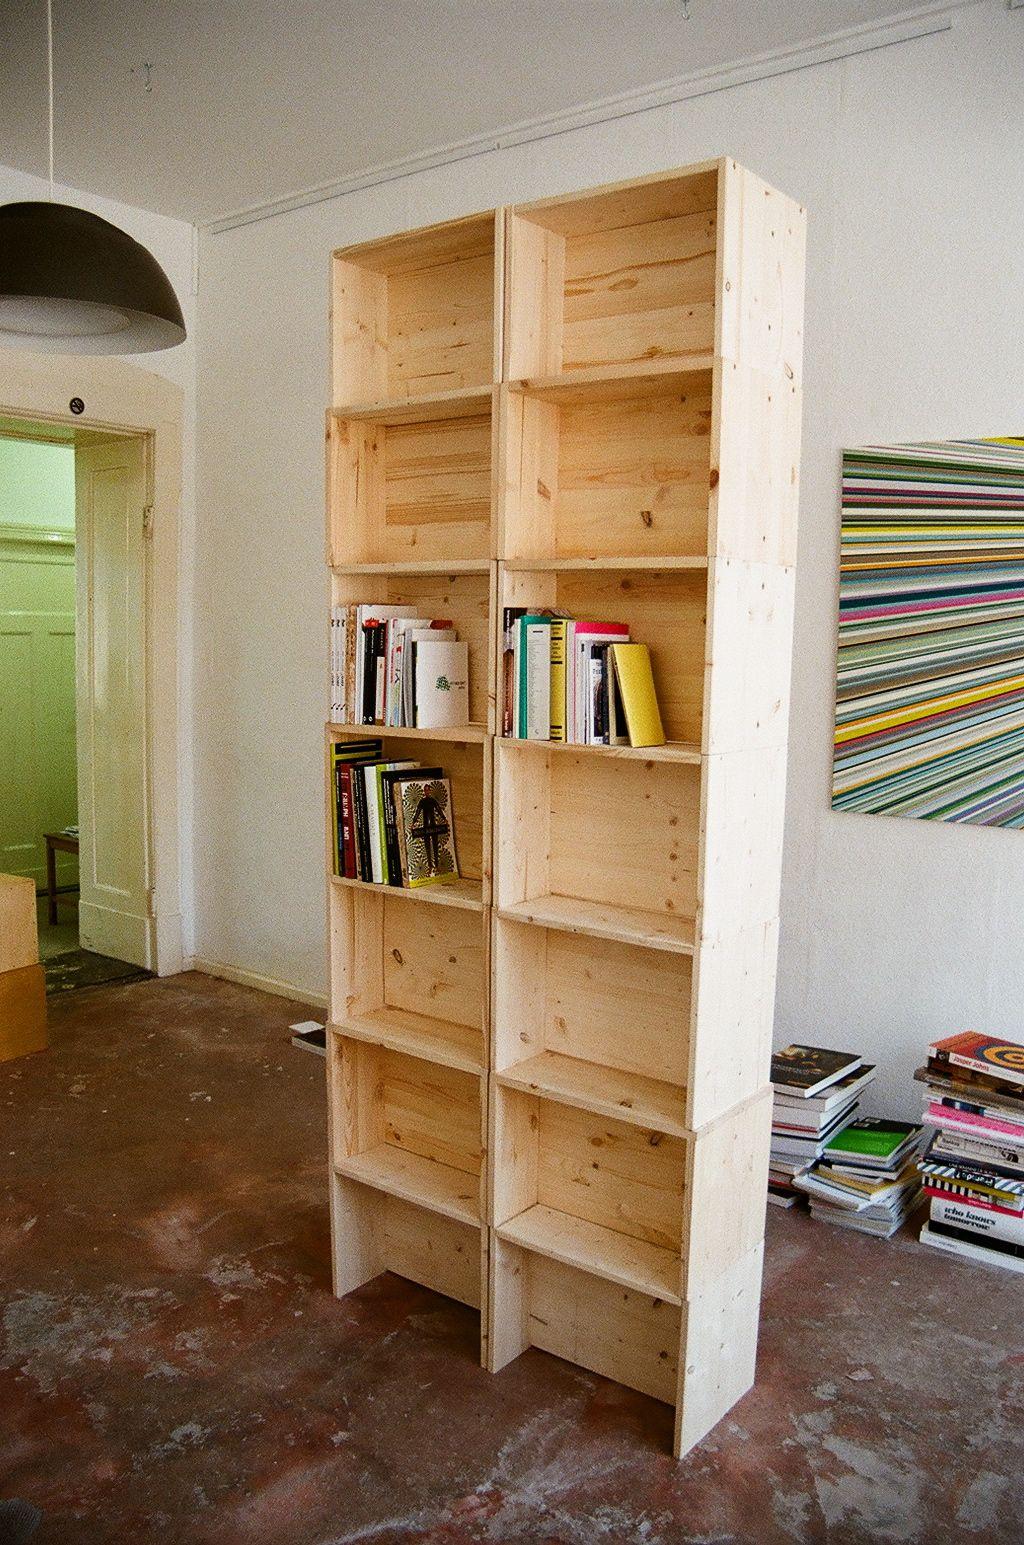 10 euro 10 schrauben 10 minuten der berliner hocker ein m bel allein bietet zehn stell. Black Bedroom Furniture Sets. Home Design Ideas